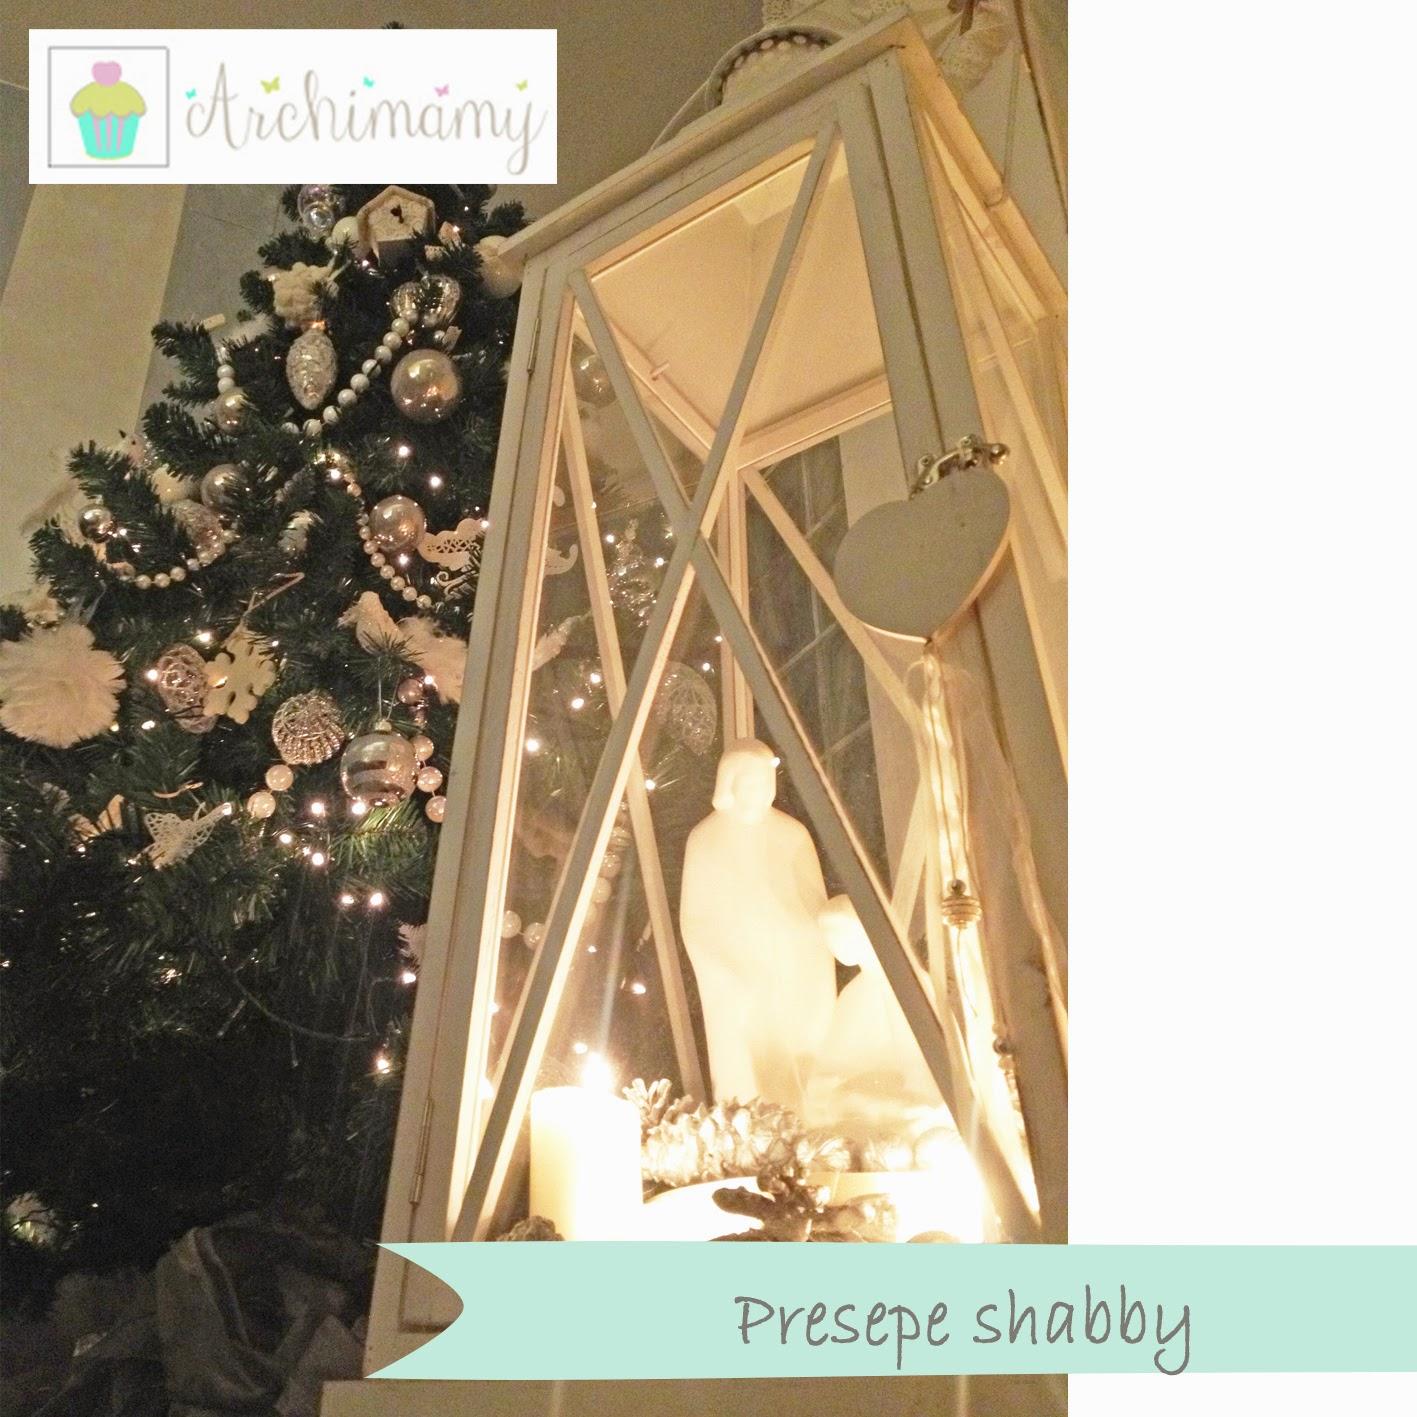 spesso Archimamy- party&design for kids: Scatti rubati di un Natale  HP45